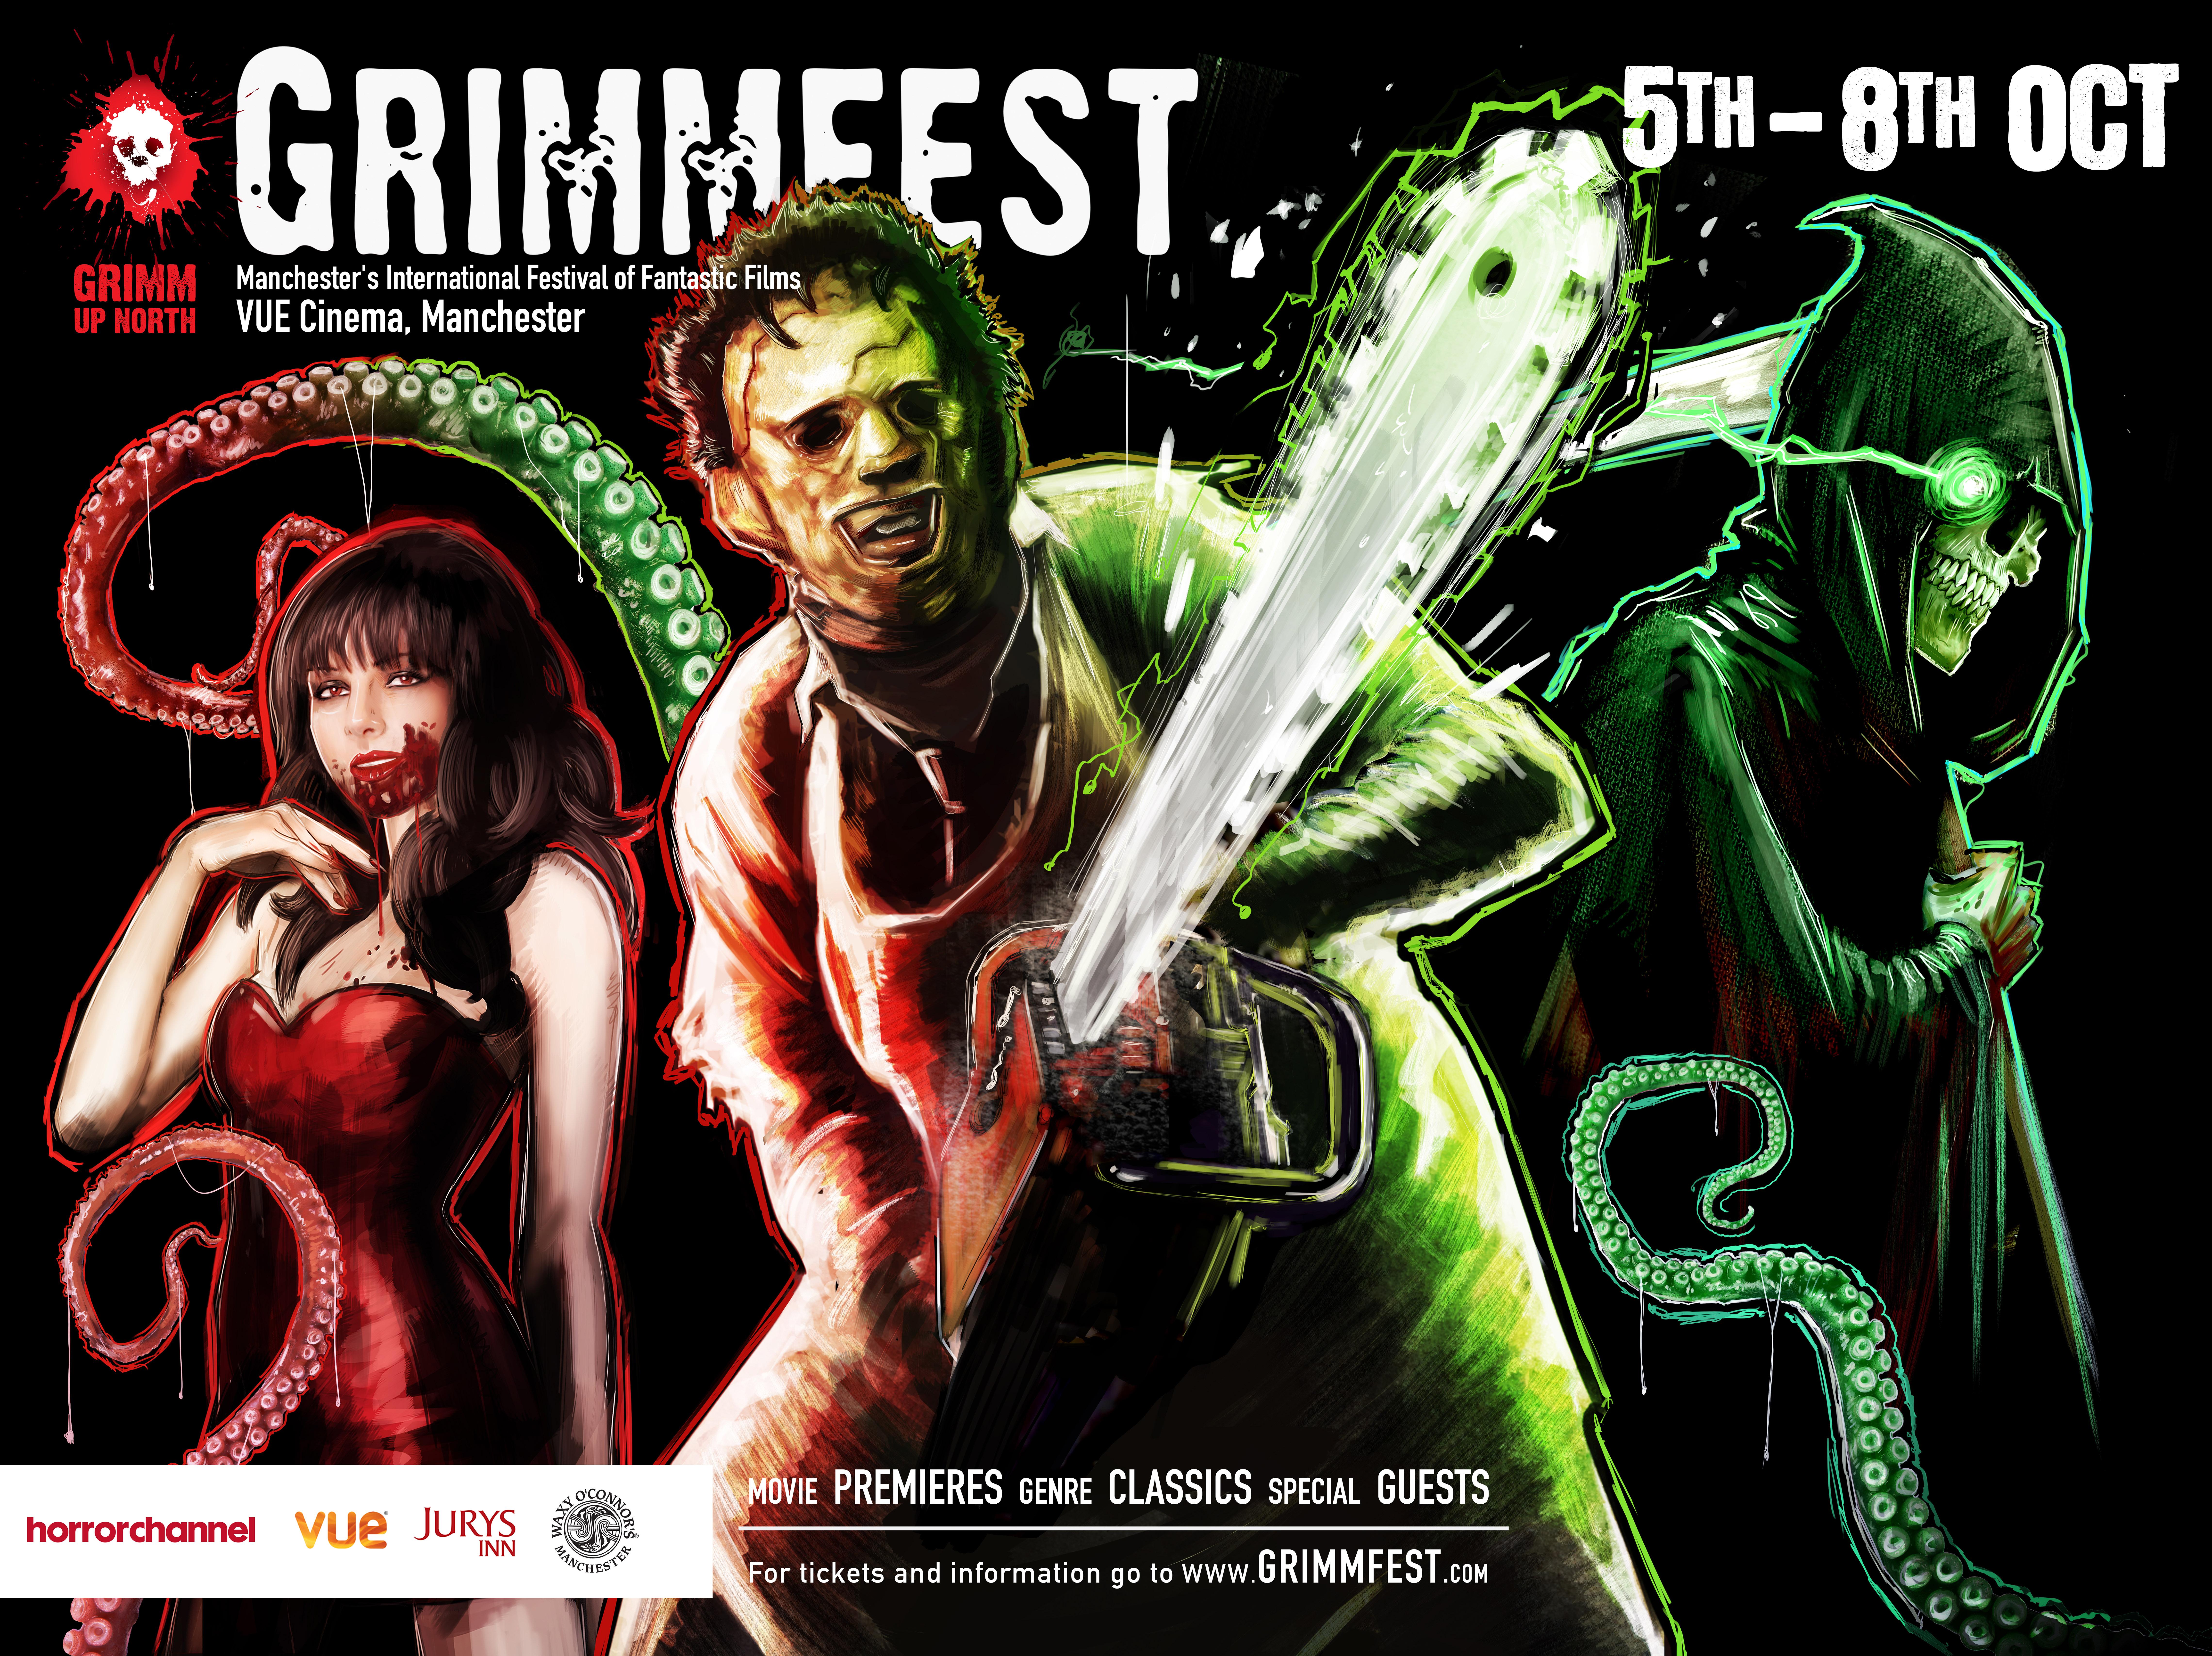 Top Picks for Grimmfest 2017